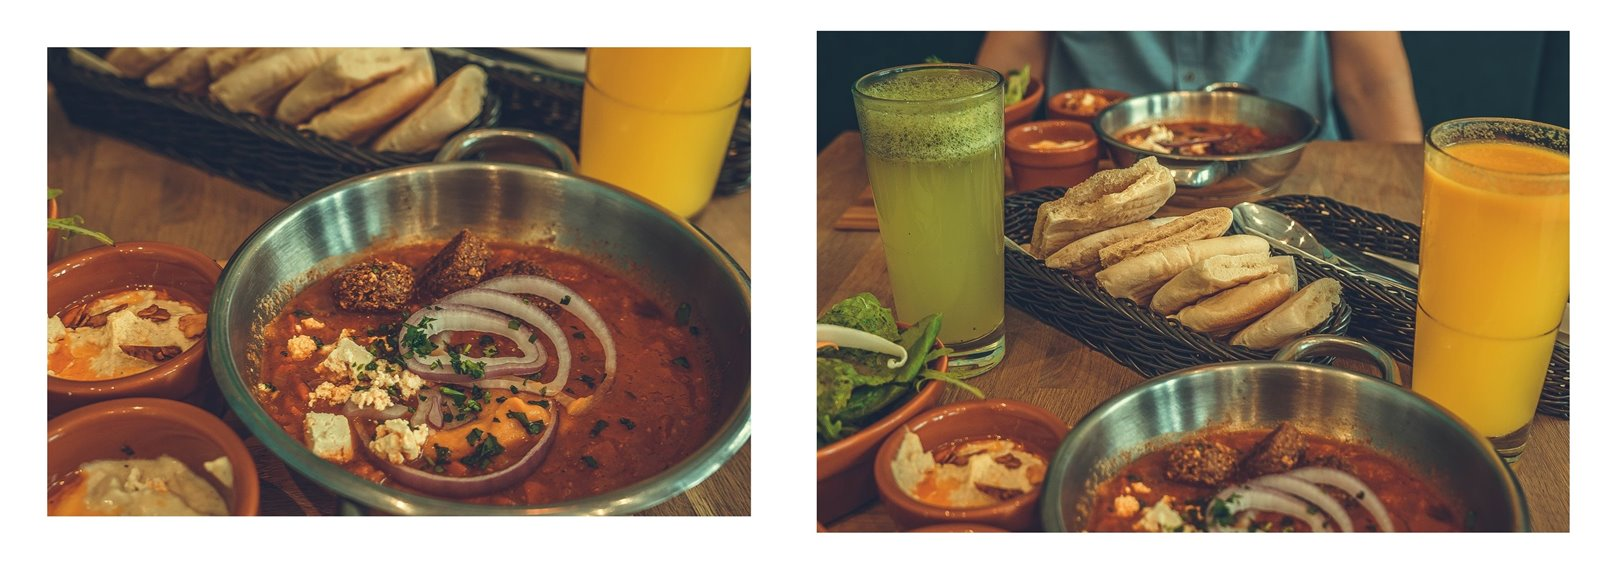 5a telaviv urban foods co zjeść w łodzi śniadania w warszawie bezmięsna kuchnia izraelska smaki izraela gdzie zjeść dobry hummus fallafell